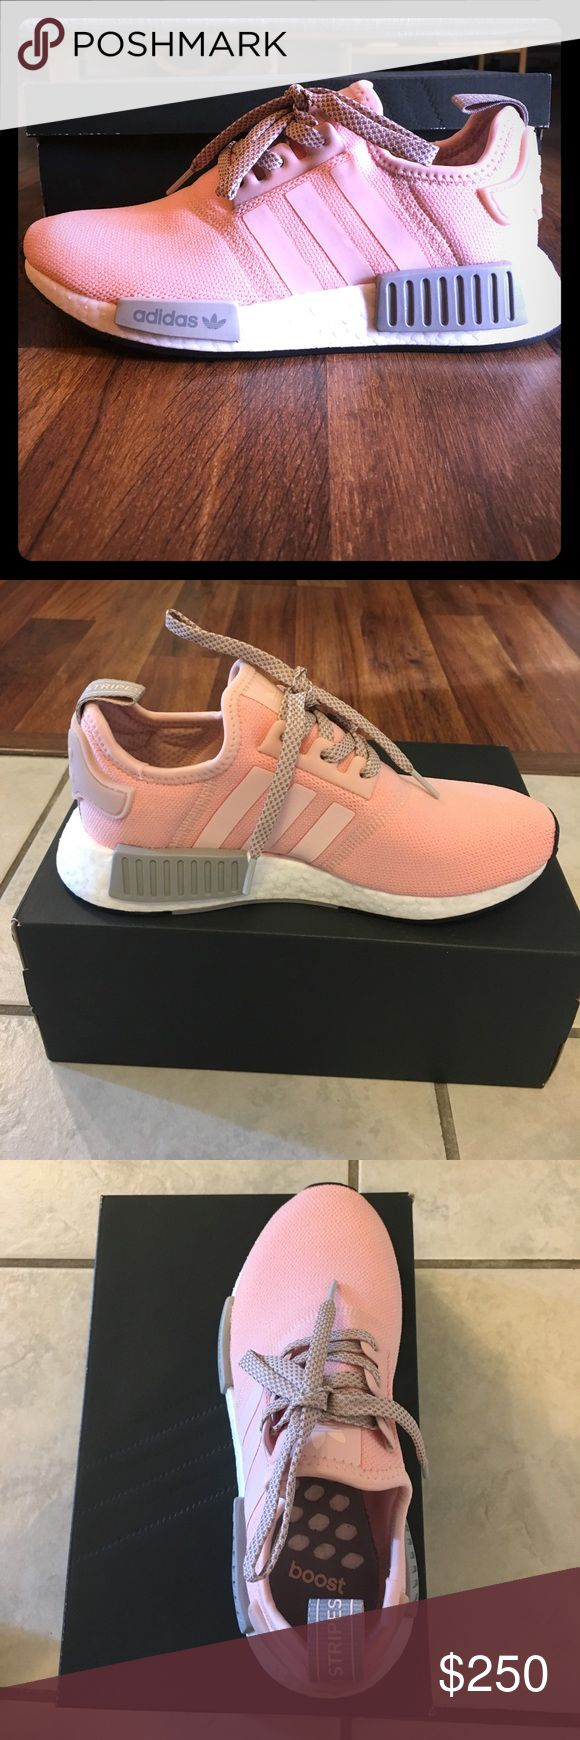 adidas nmd c price